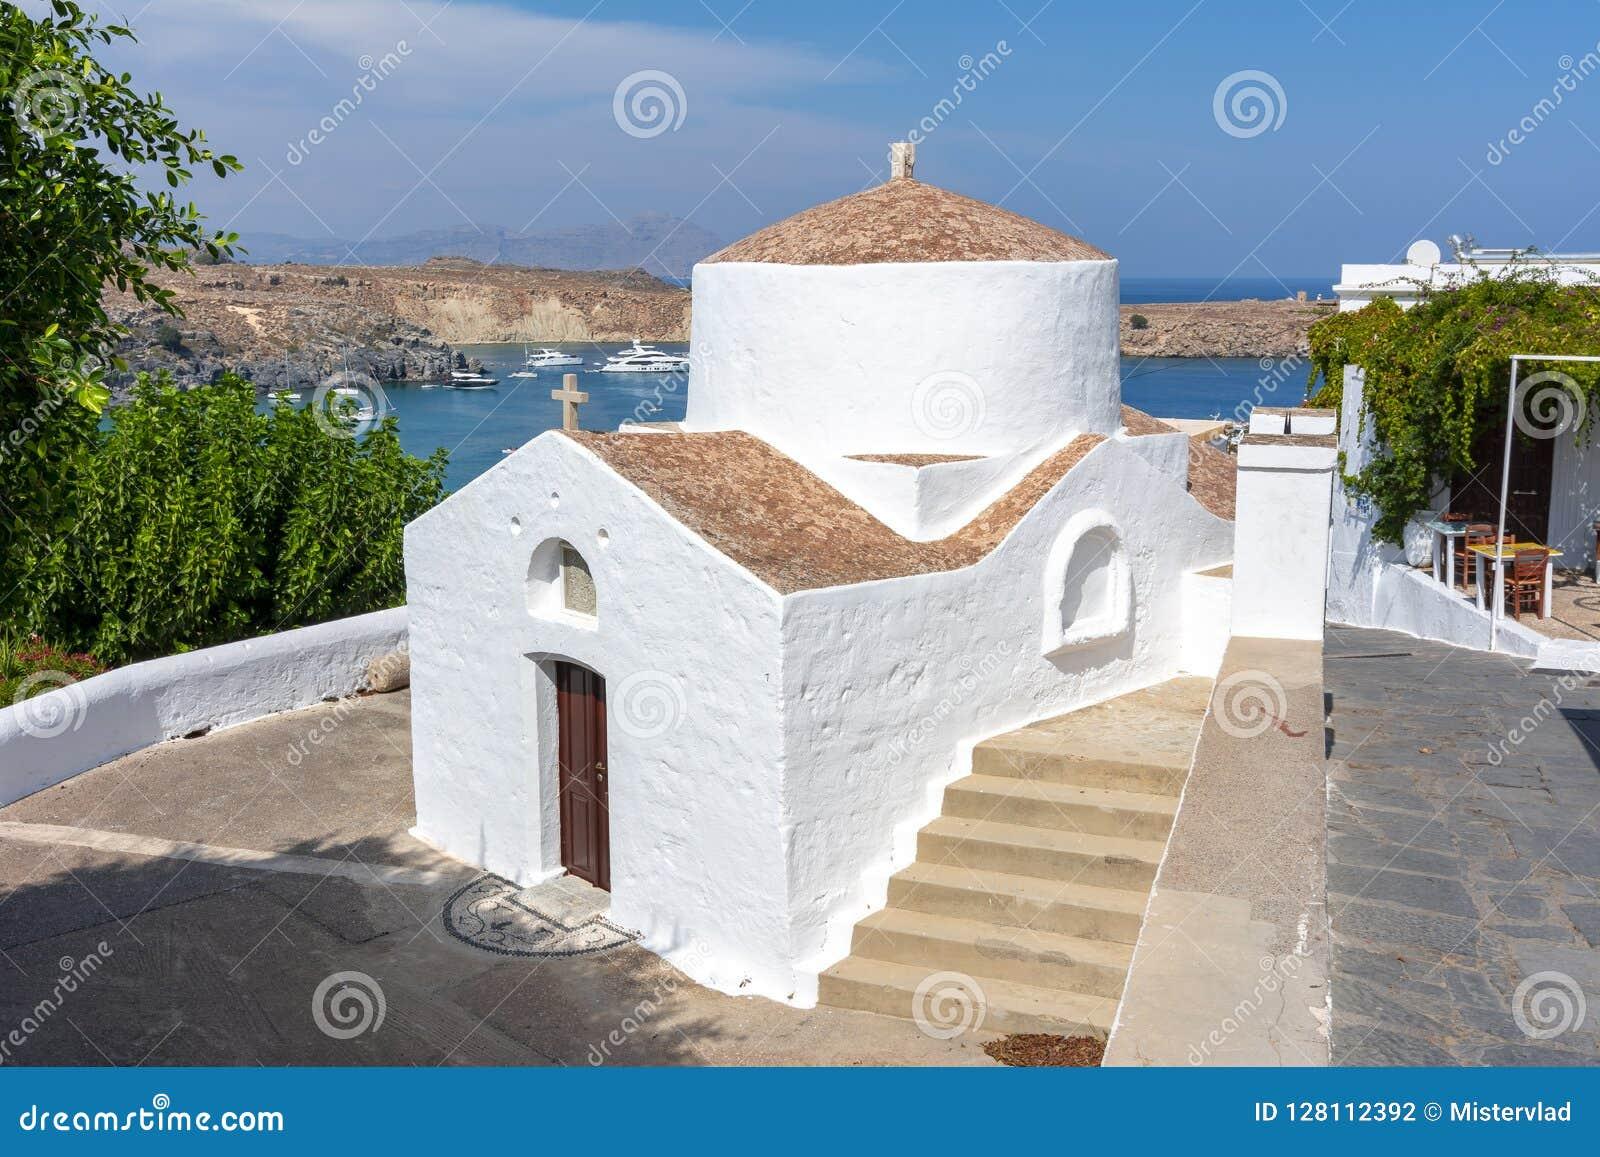 Μικρή εκκλησία σε Lindos, νησί της Ρόδου, Ελλάδα